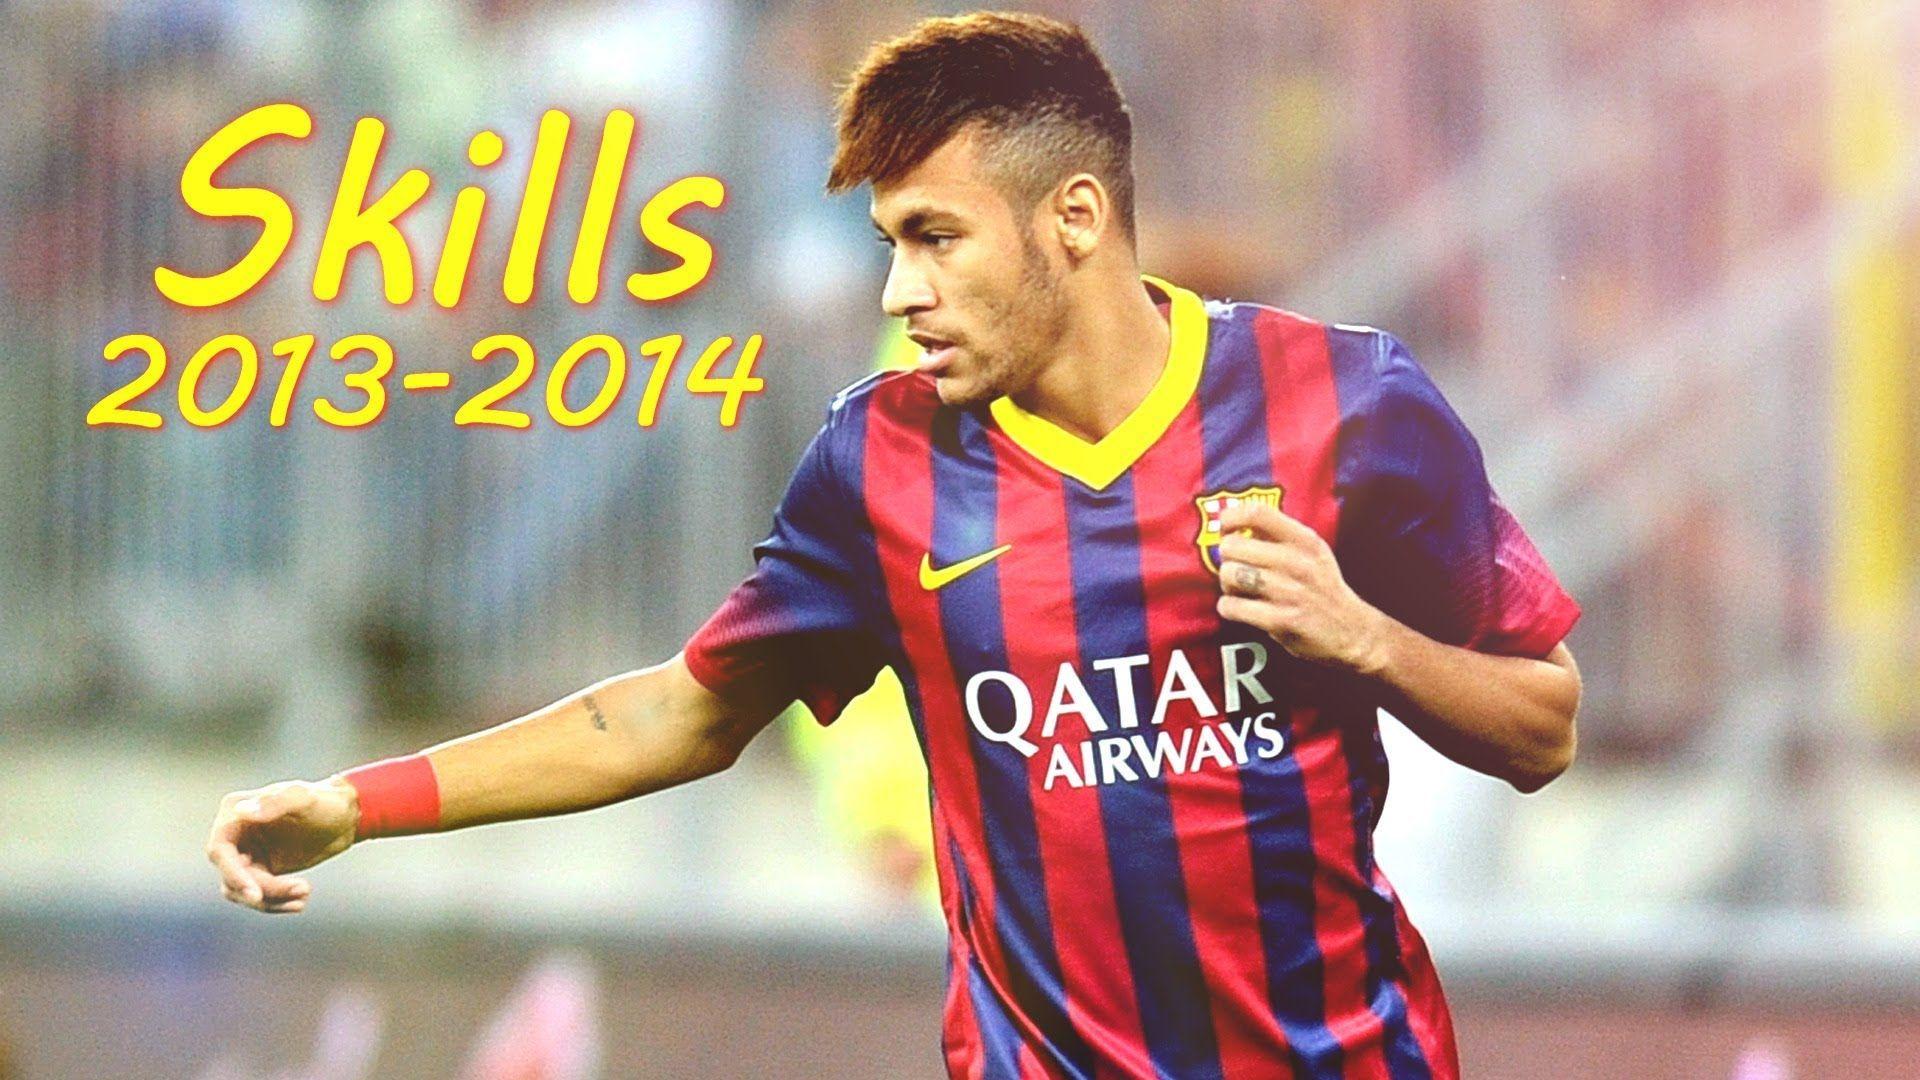 Hd wallpaper neymar - Neymar Hd Wallpapers Neymar Wallpapers Pinterest Hd Wallpaper Wallpapers And Neymar